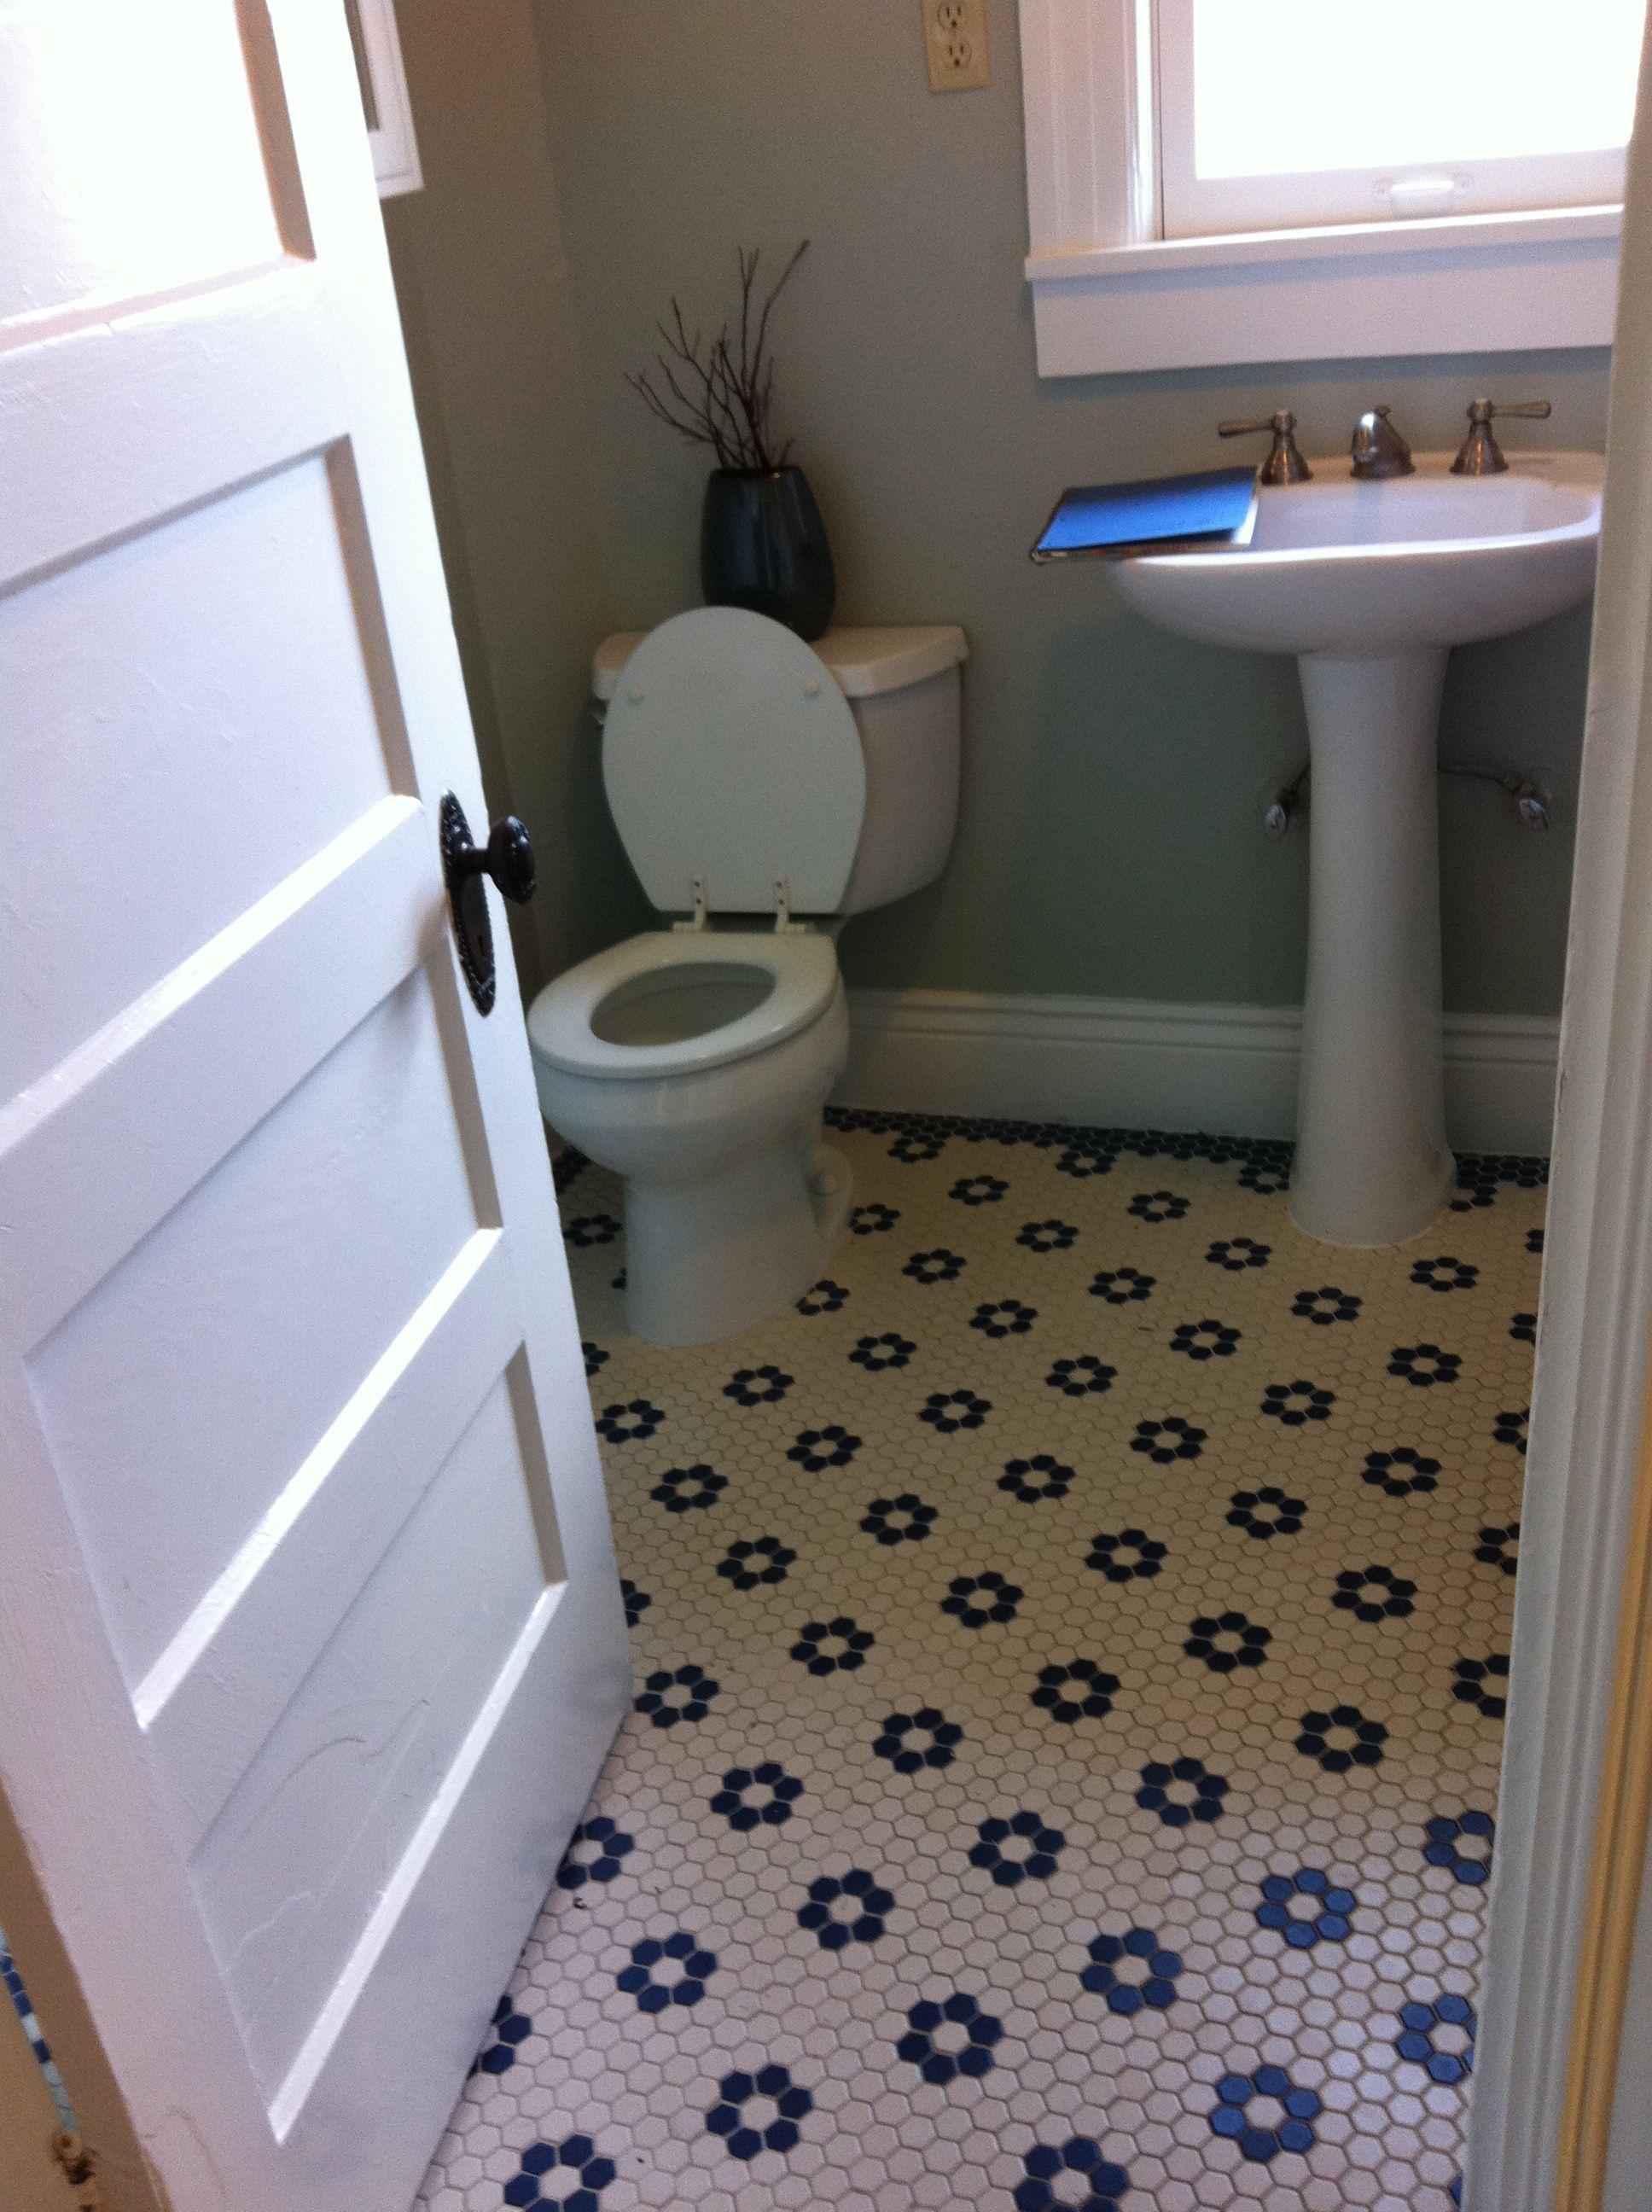 White Hexagonal Tile Floor